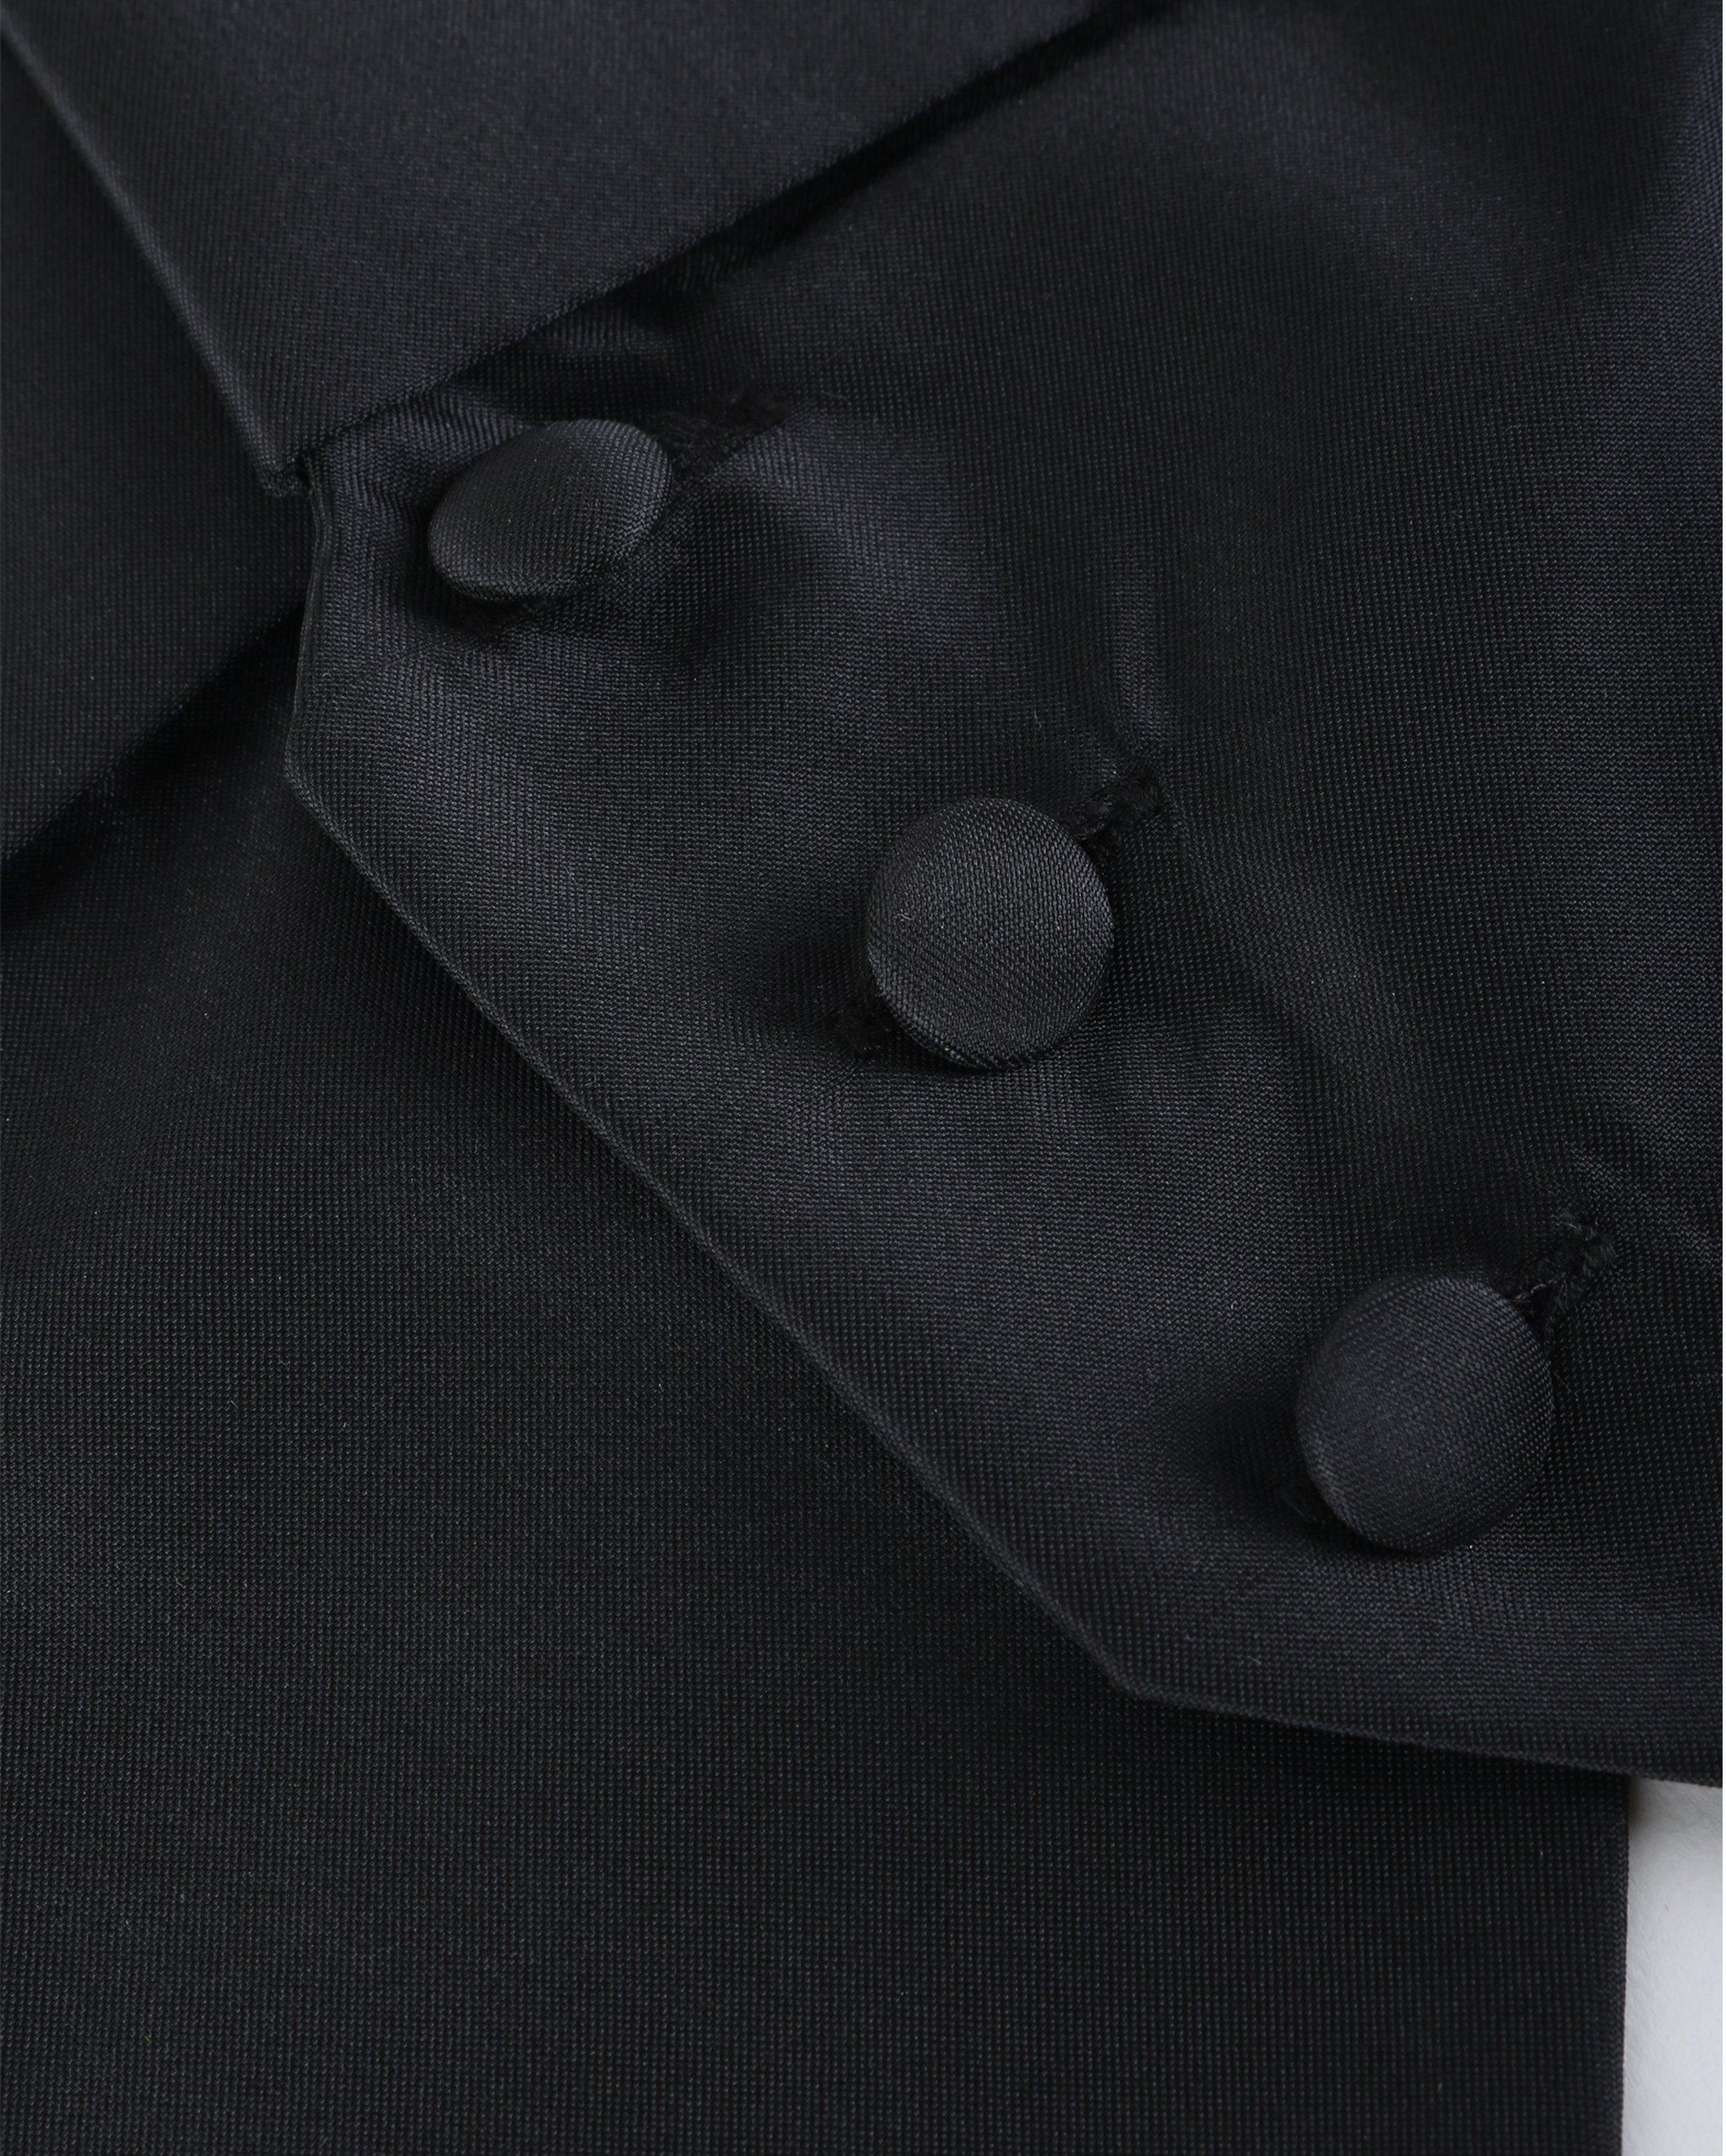 Tailcoat Waistcoat Black